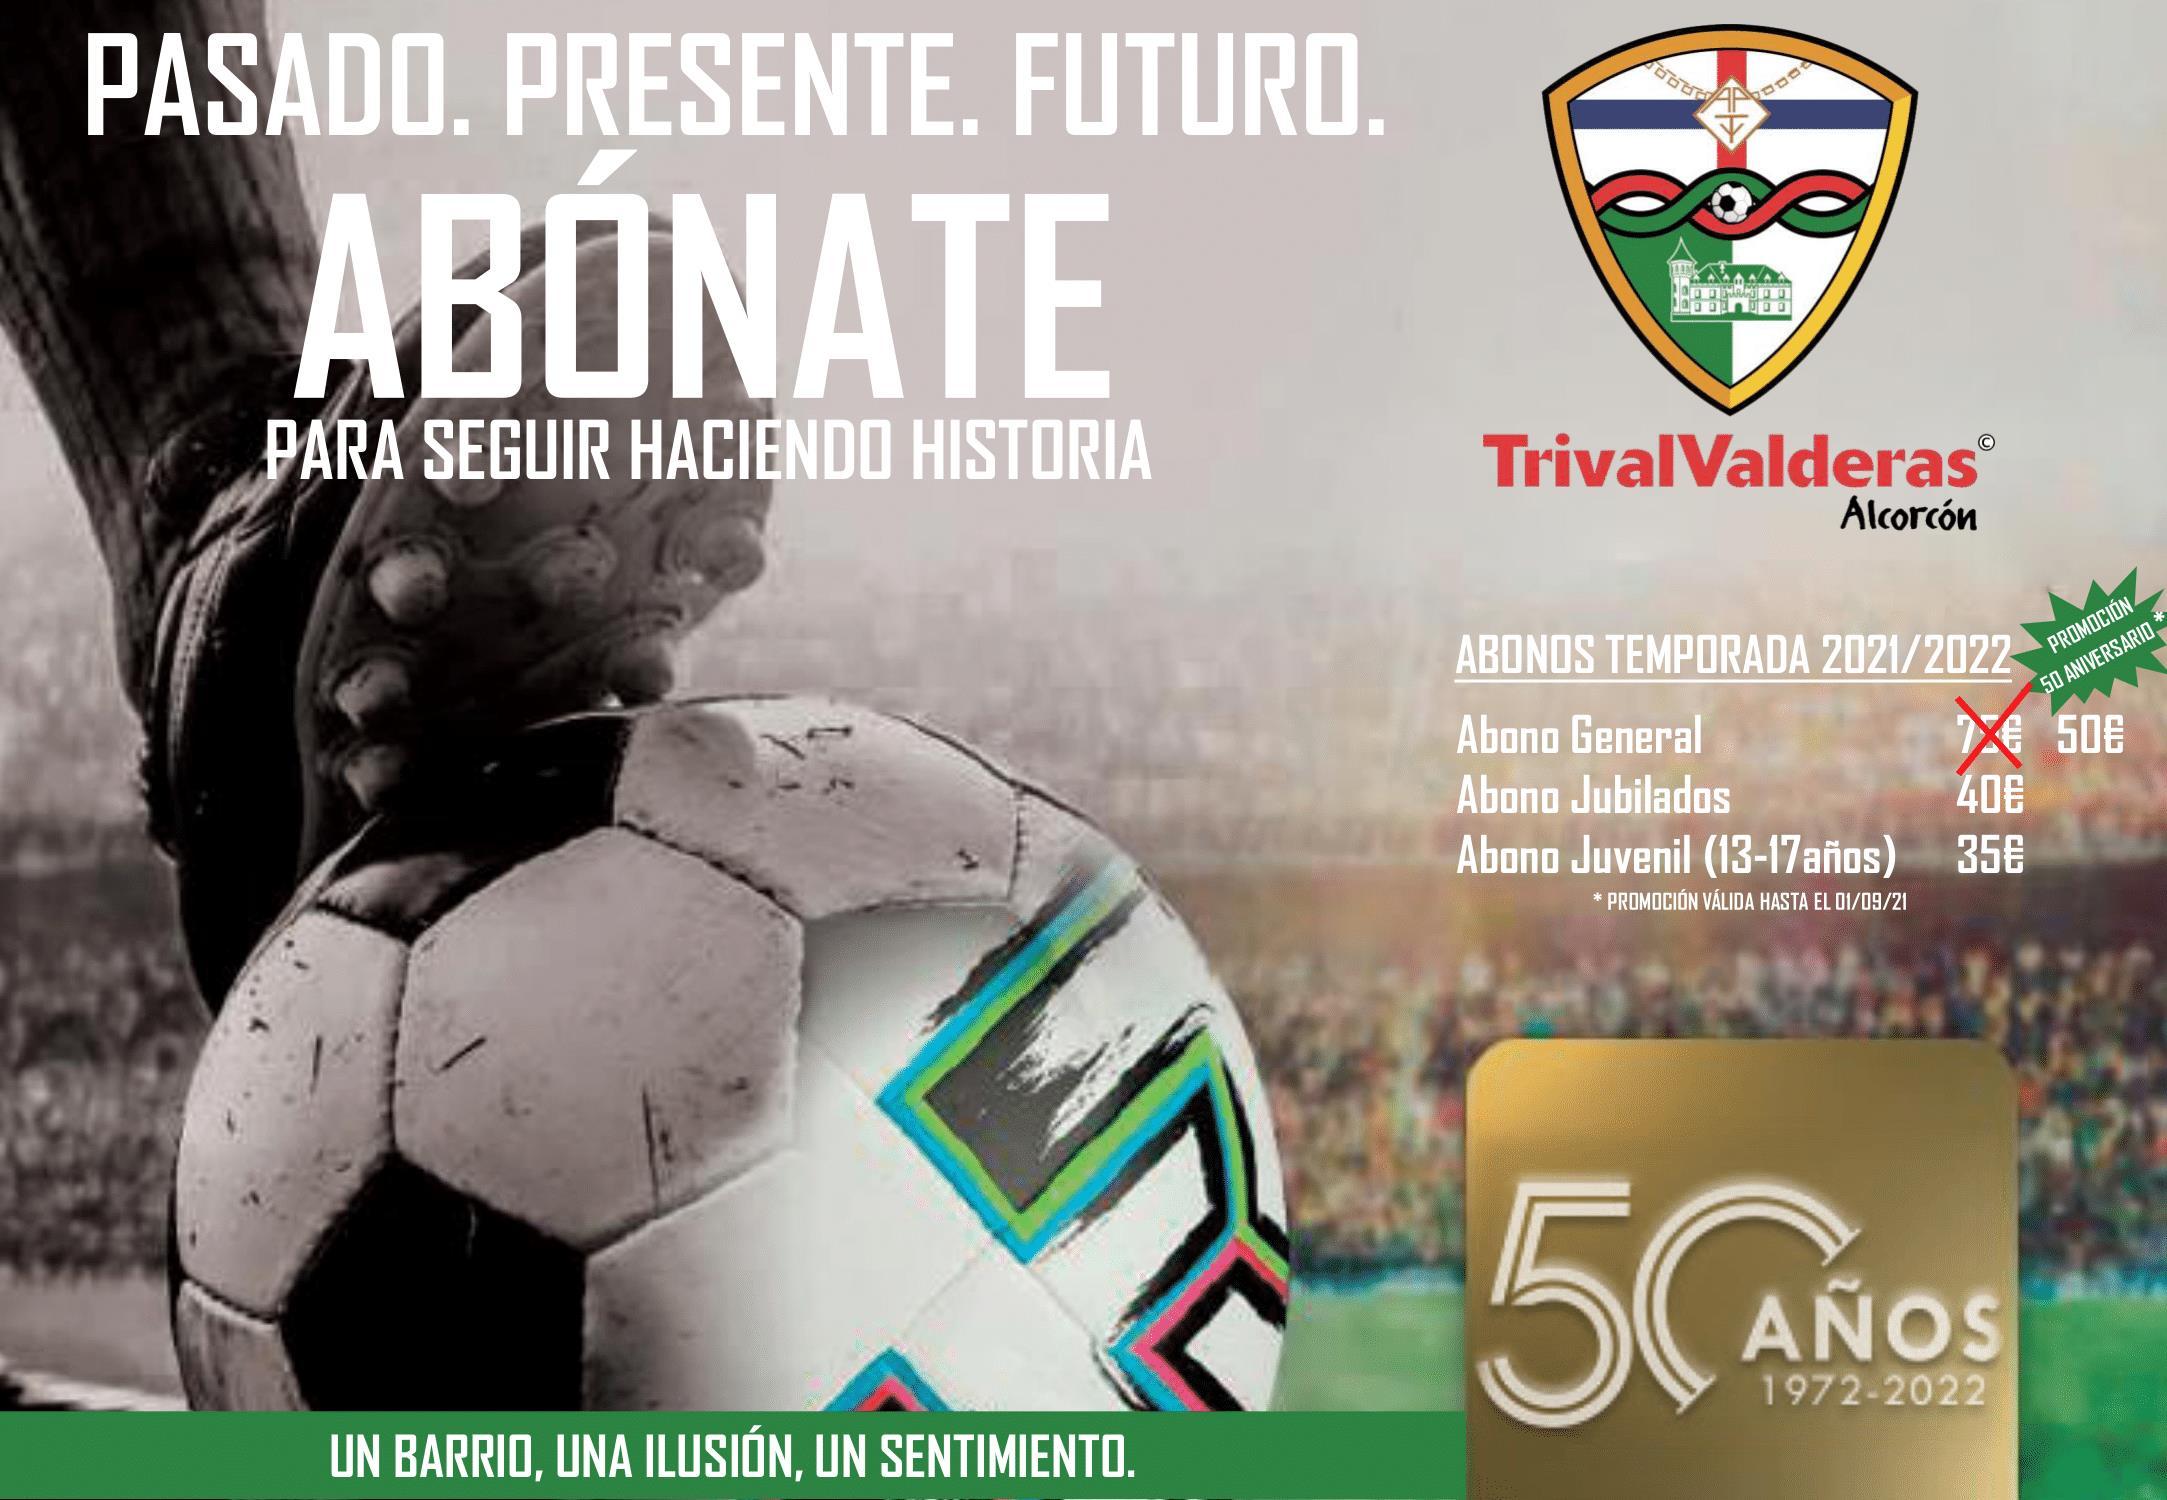 sdsCAMPAÑA DE ABONADOS 50 ANIVERSARIO DEL CLUB